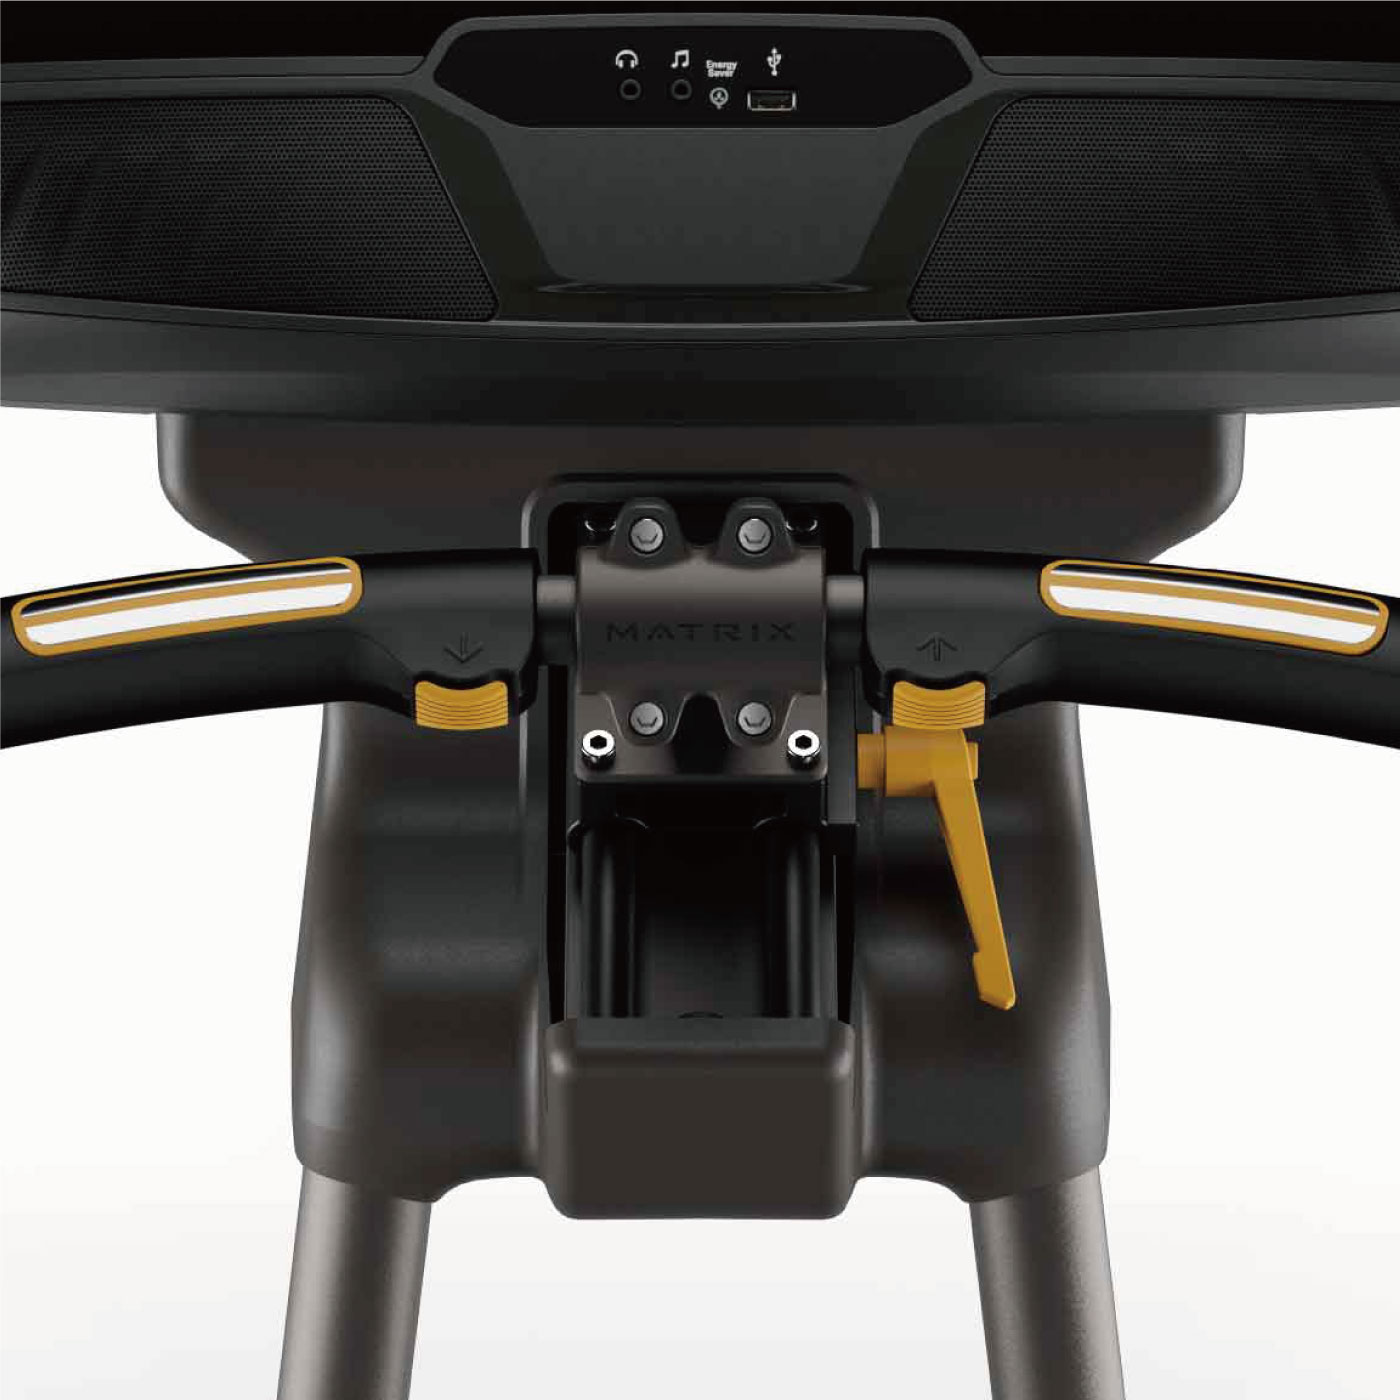 U50-XR-V2/家庭用アップライトバイク〈家庭用MATRIX〉《ジョンソンヘルステック》